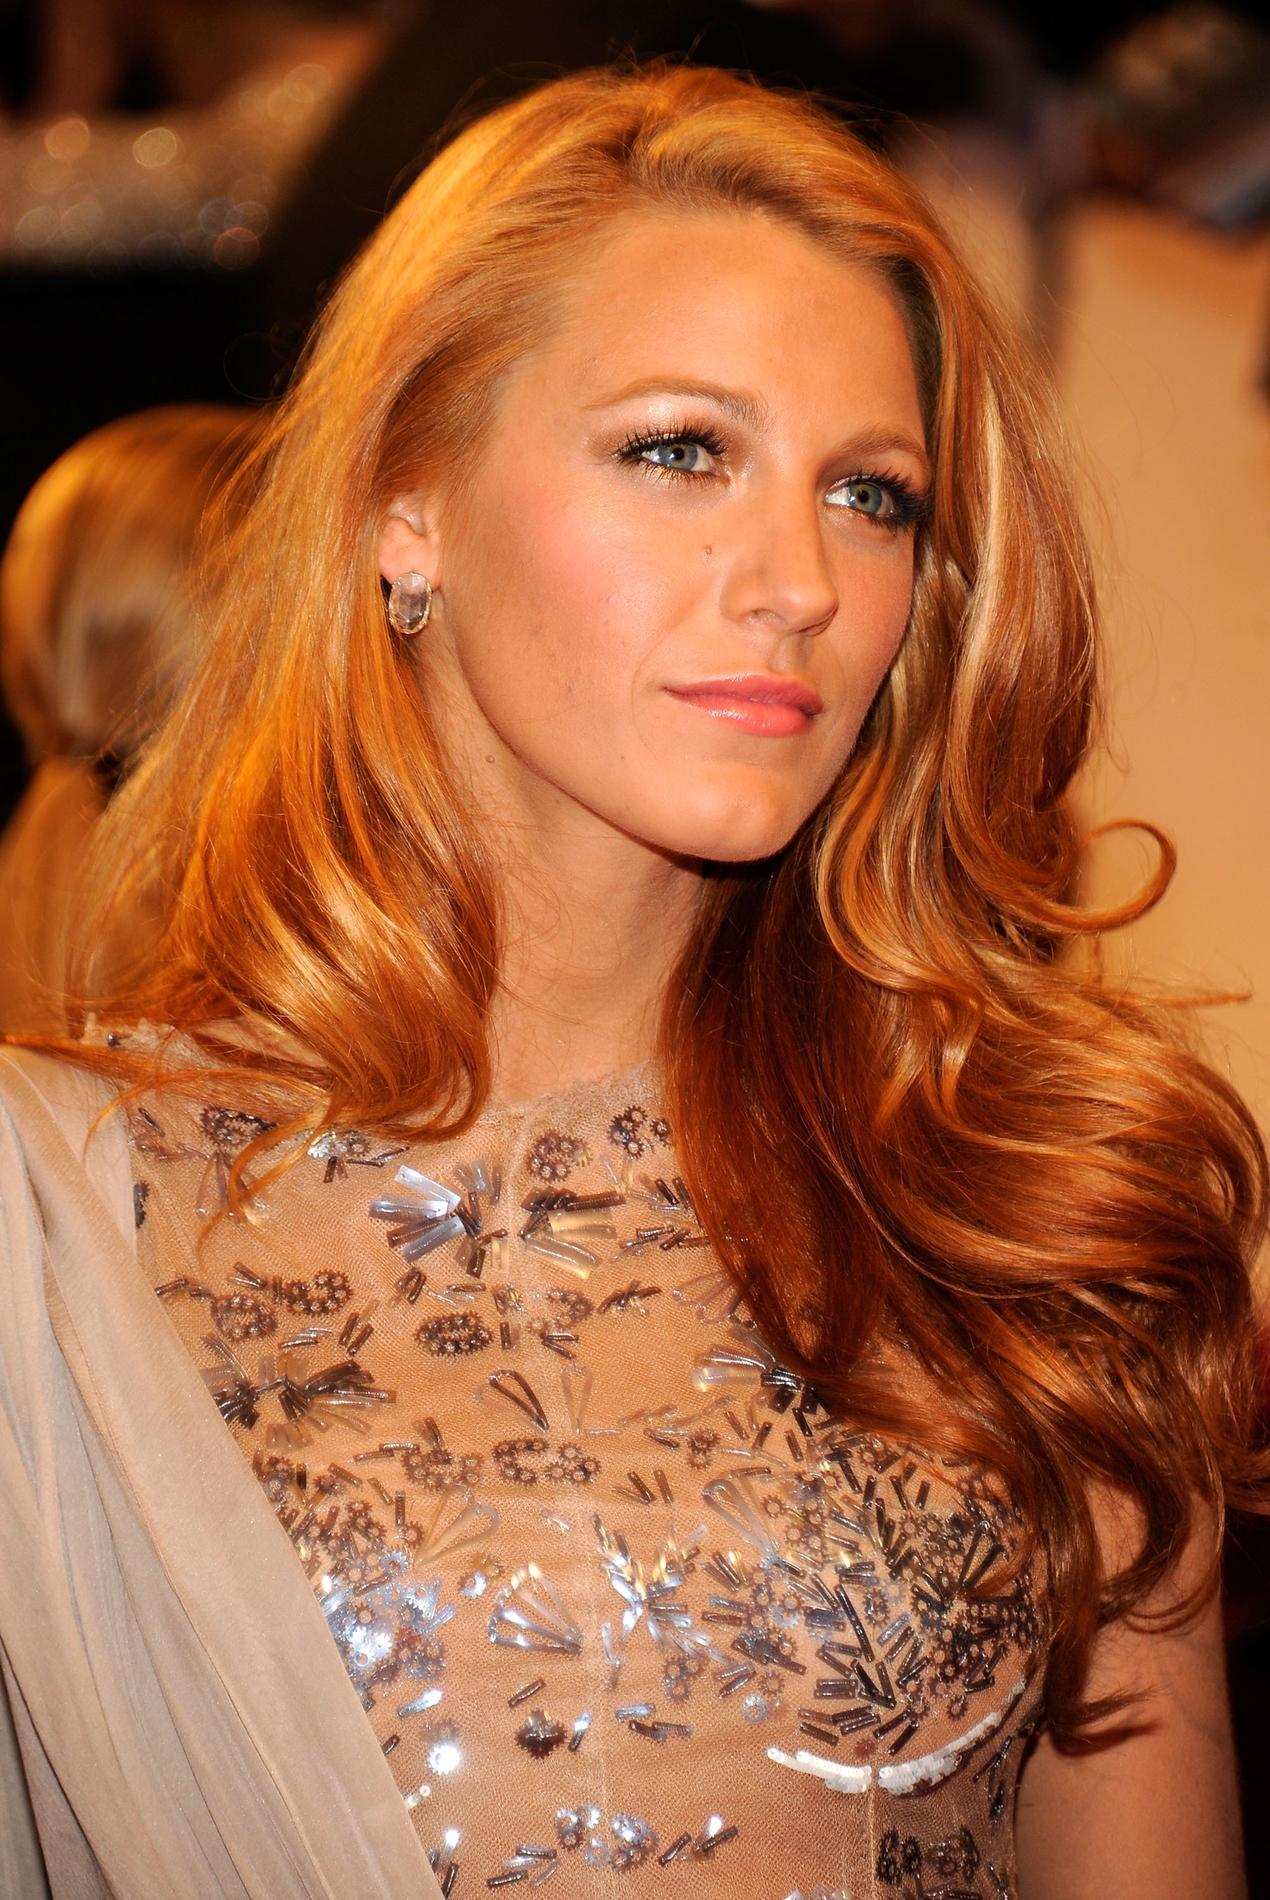 Connu Blond-fraise, la tendance coloration pas si étrange - Madame JJ87